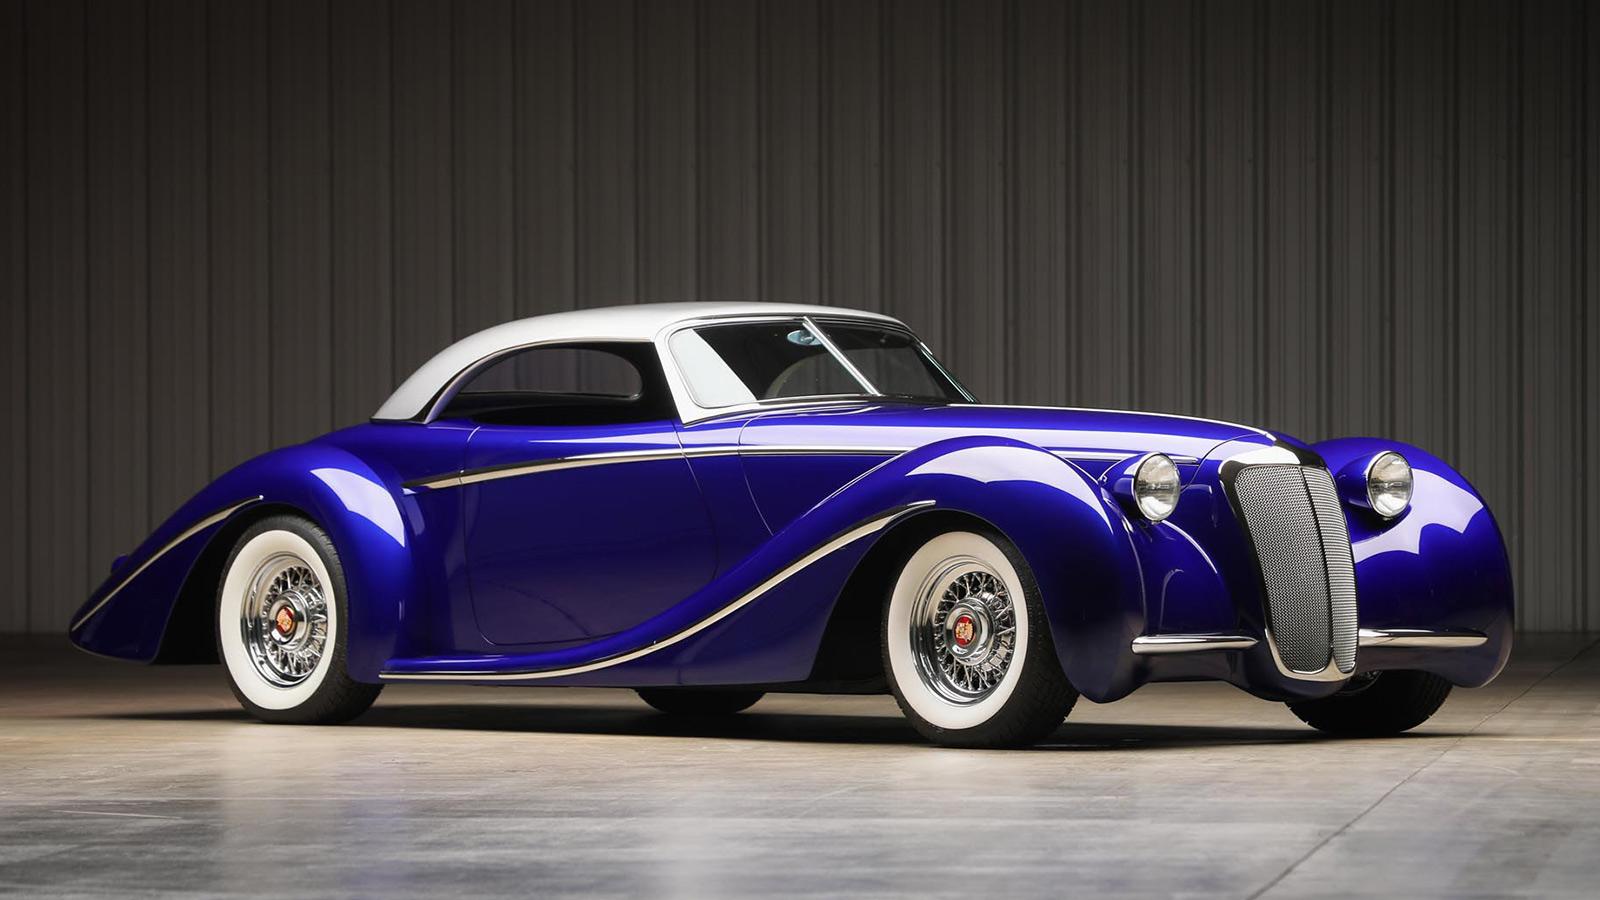 1936 Cadillac 'Shangri-La' Custom Roadster